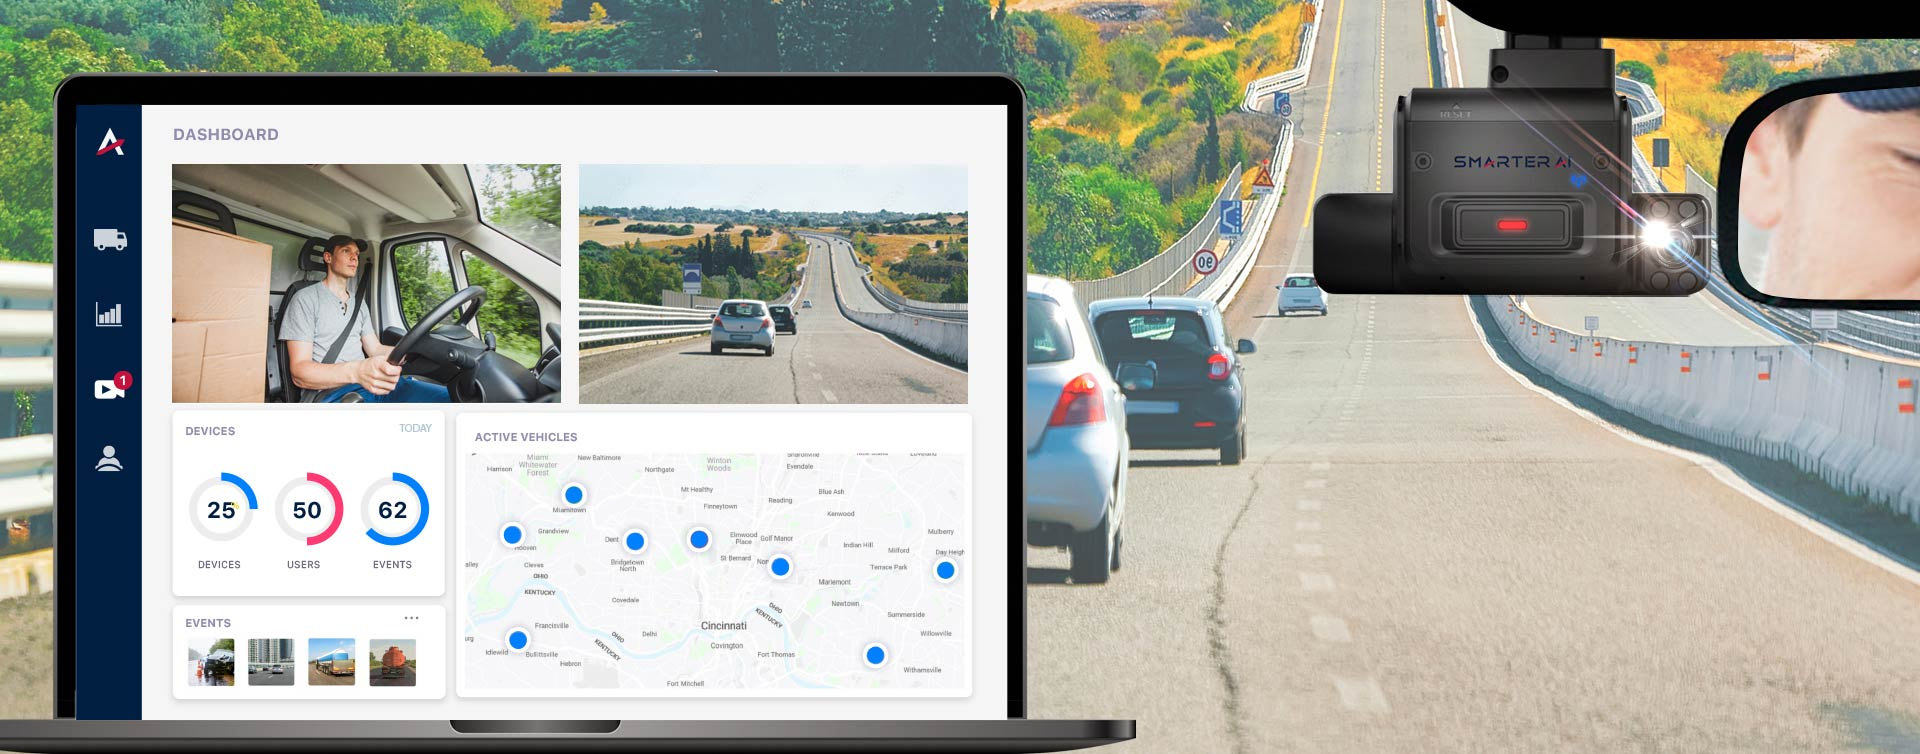 SmarterAI - Video Telematics